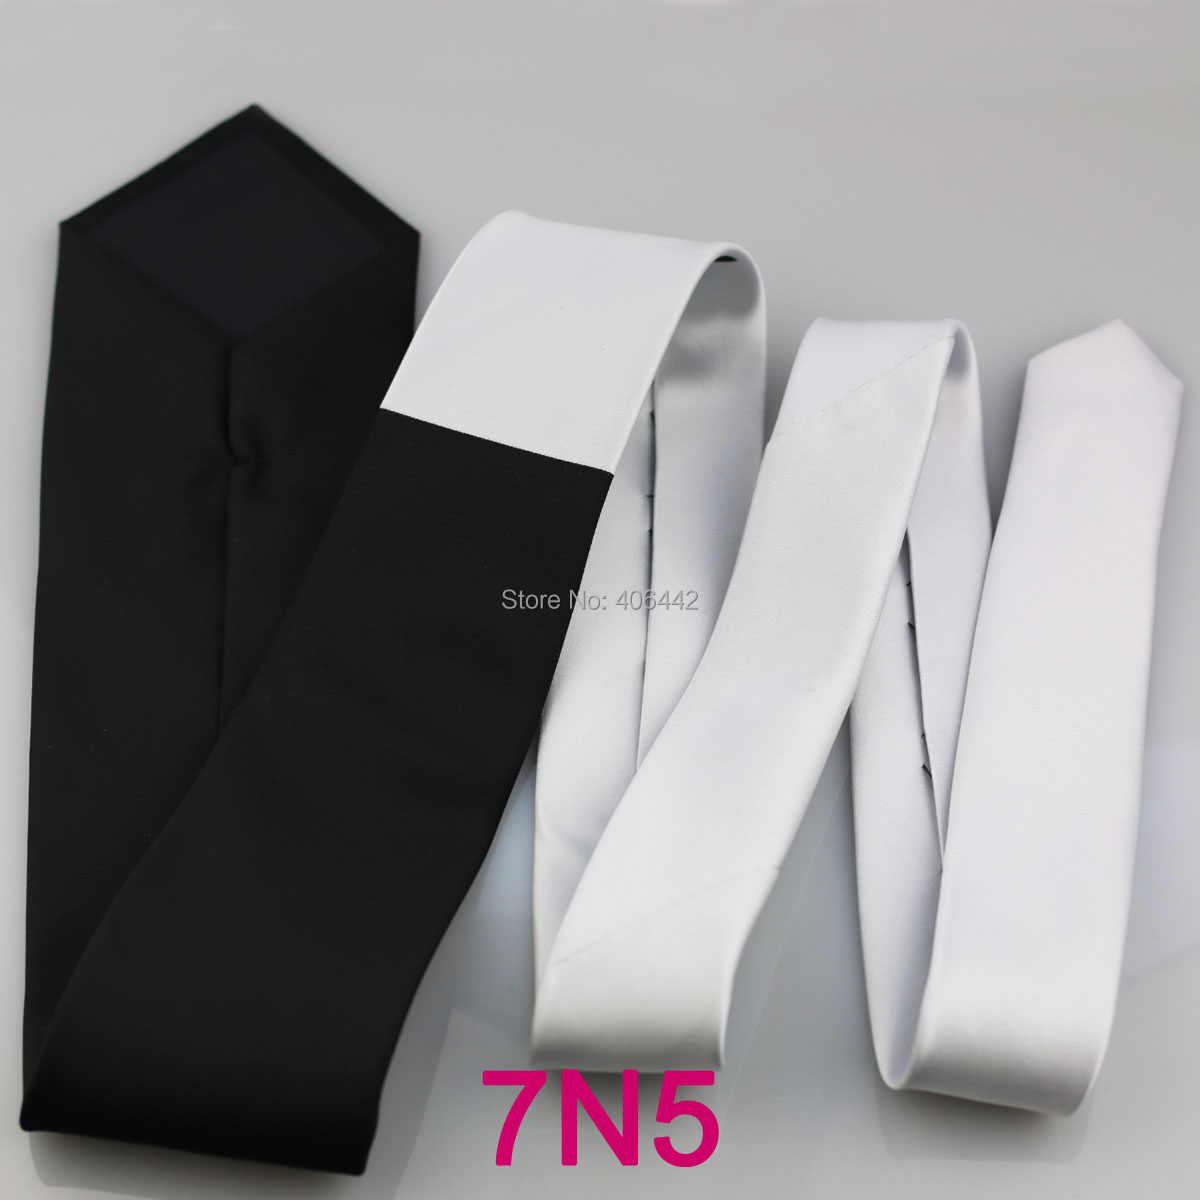 Yibei Coachella ties untuk pria gravata Putih knot Kontras Dua Tone leher dasi corbatas dasi Patchwork Formal Hitam gaun kasual